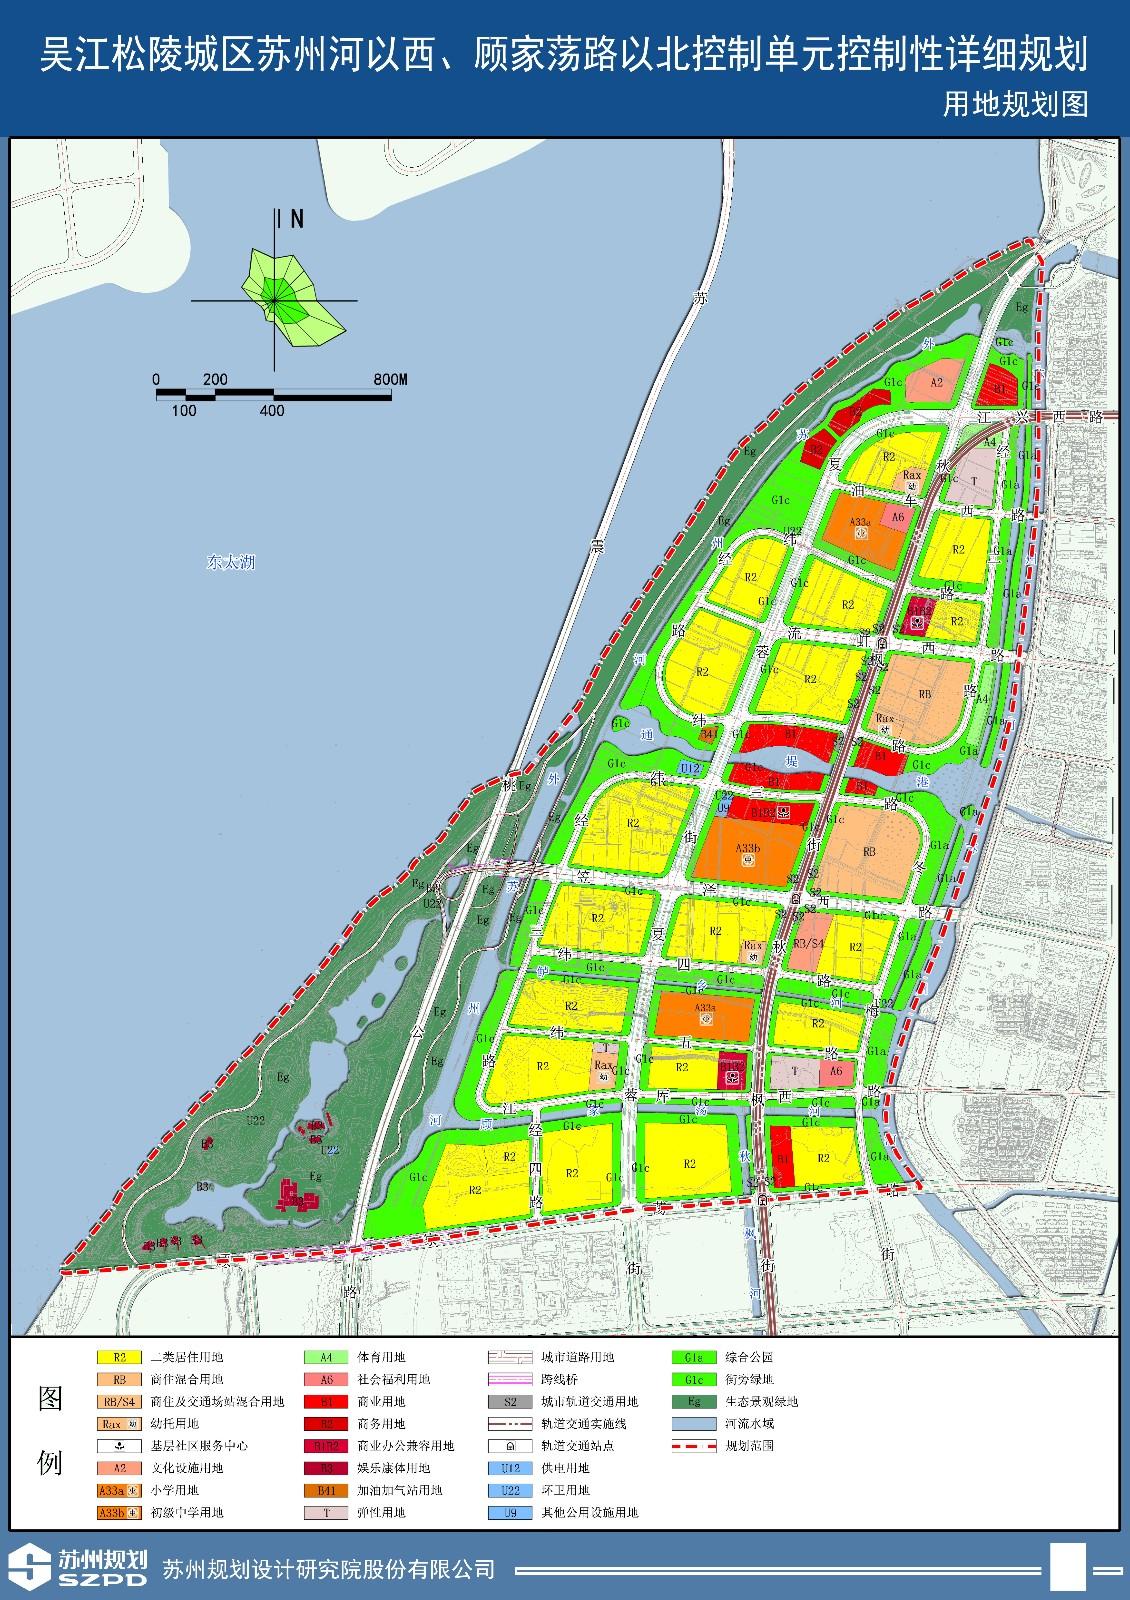 區域內規劃有2所小學,4所幼兒園,1所中學校